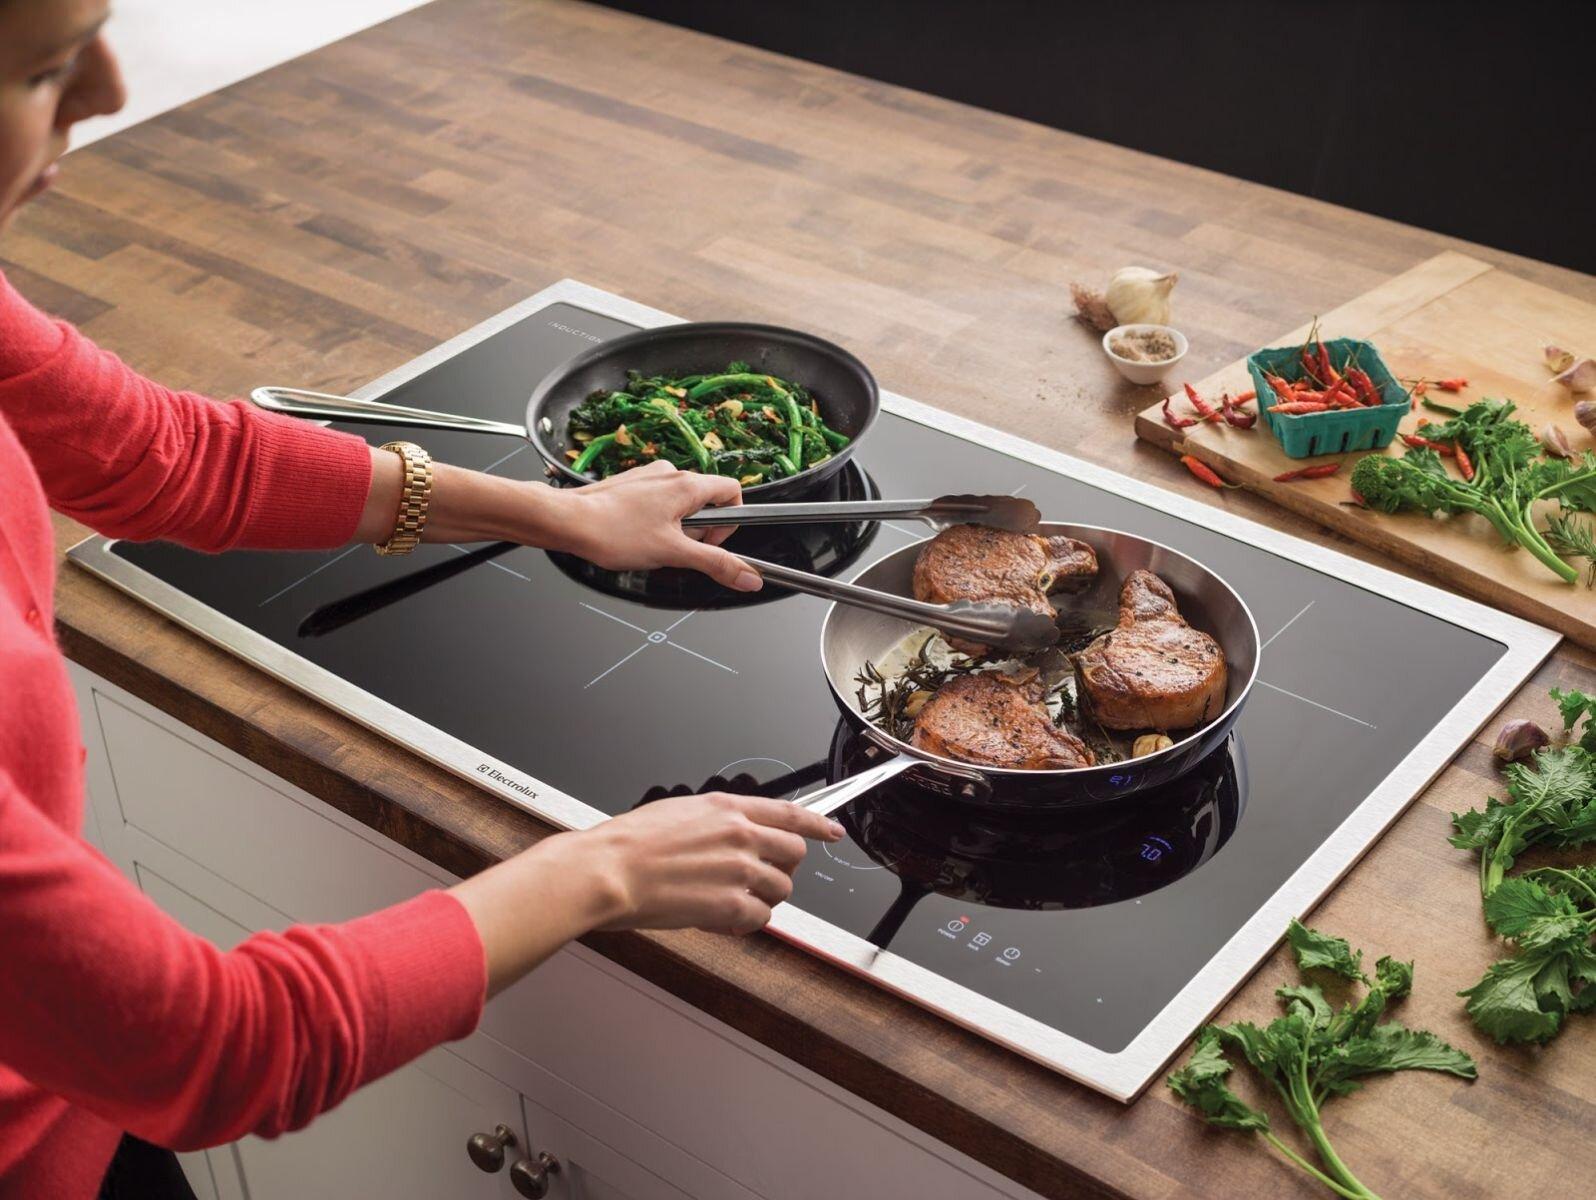 Đảm bảo an toàn cho bạn và gia đình khi nấu nướng bằng bếp từ nên cài thêm rơ le